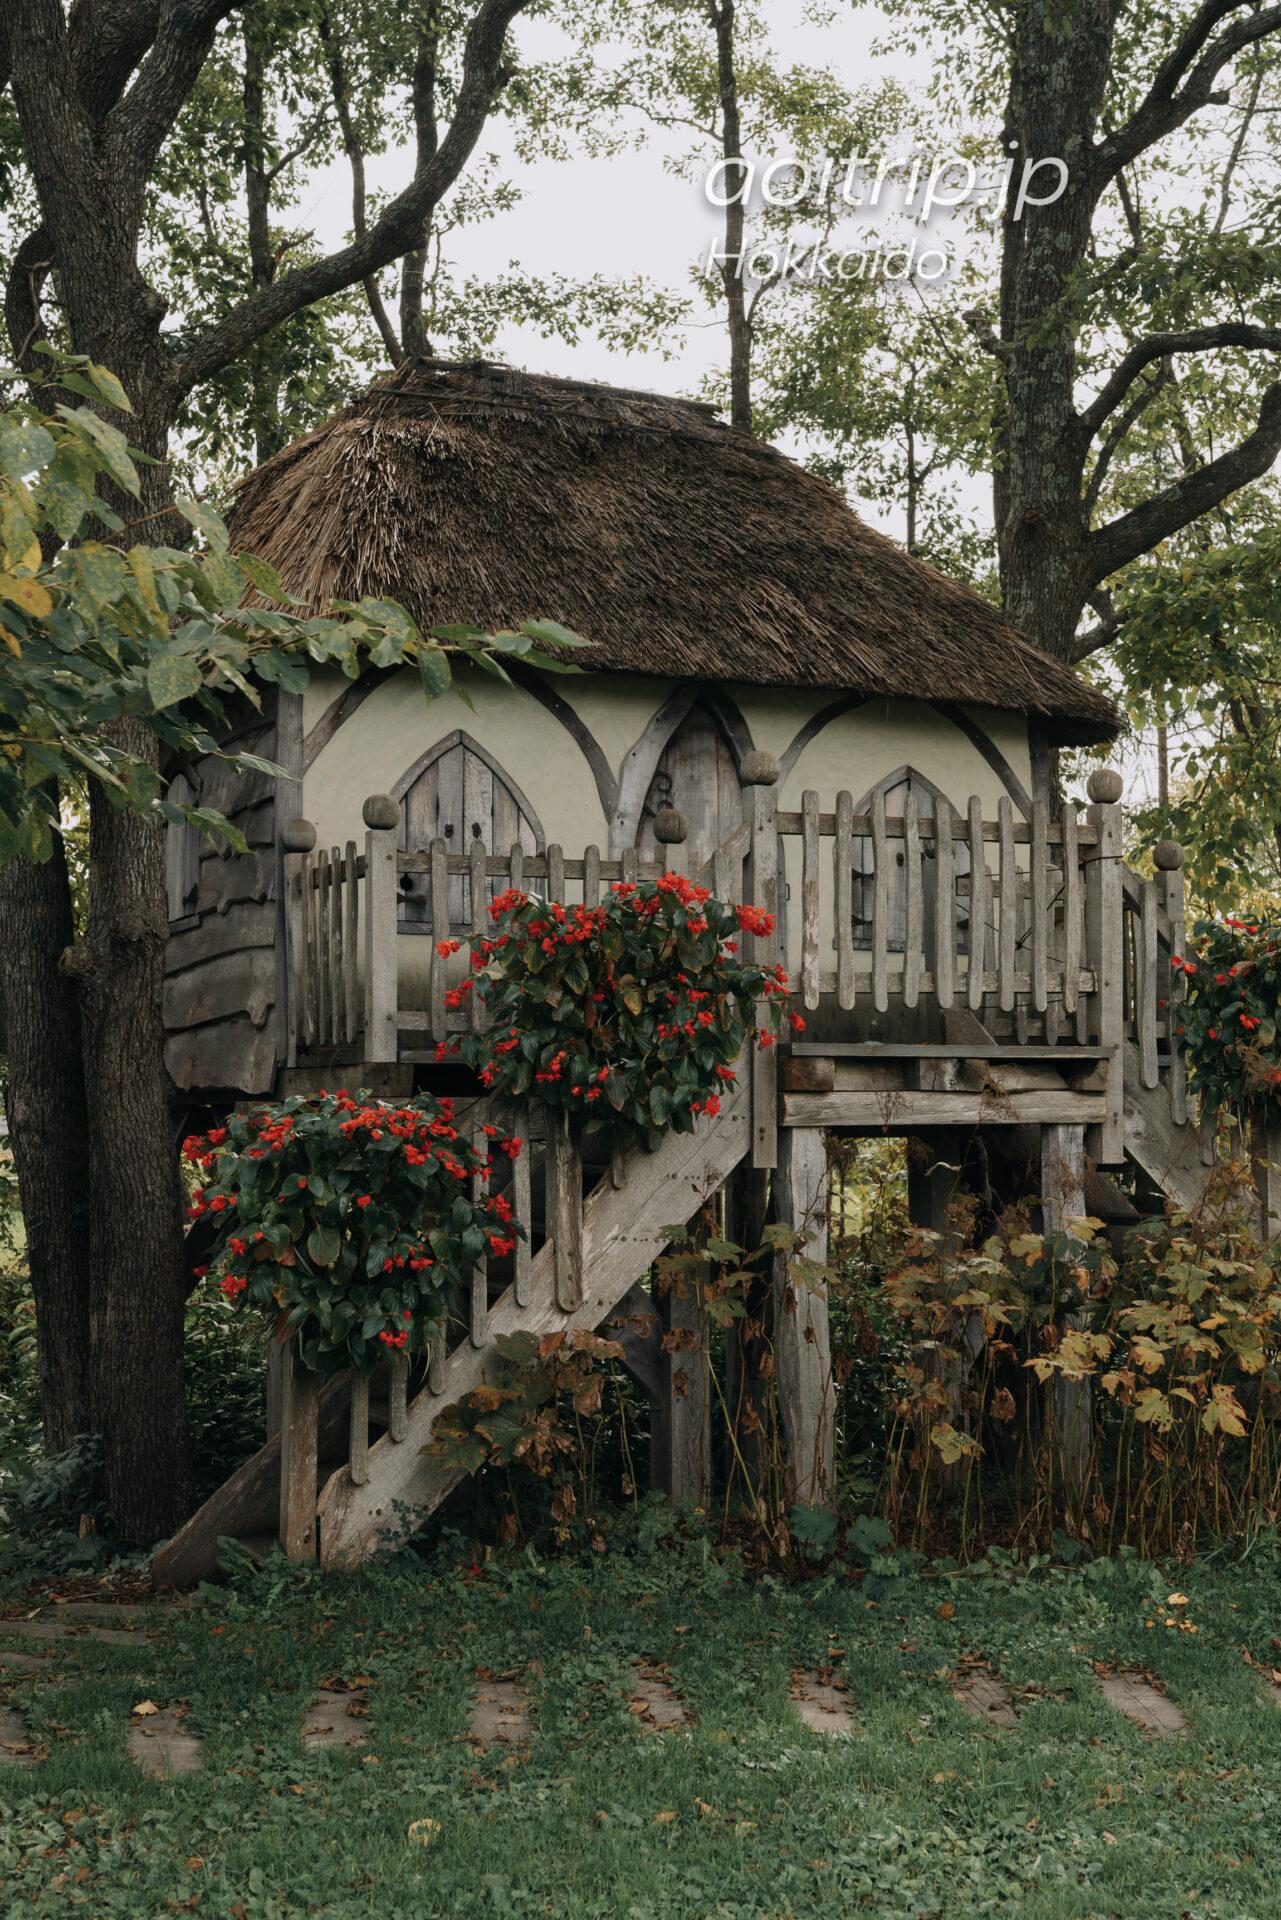 えこりん村 銀河庭園の茅葺き屋根のツリーハウス